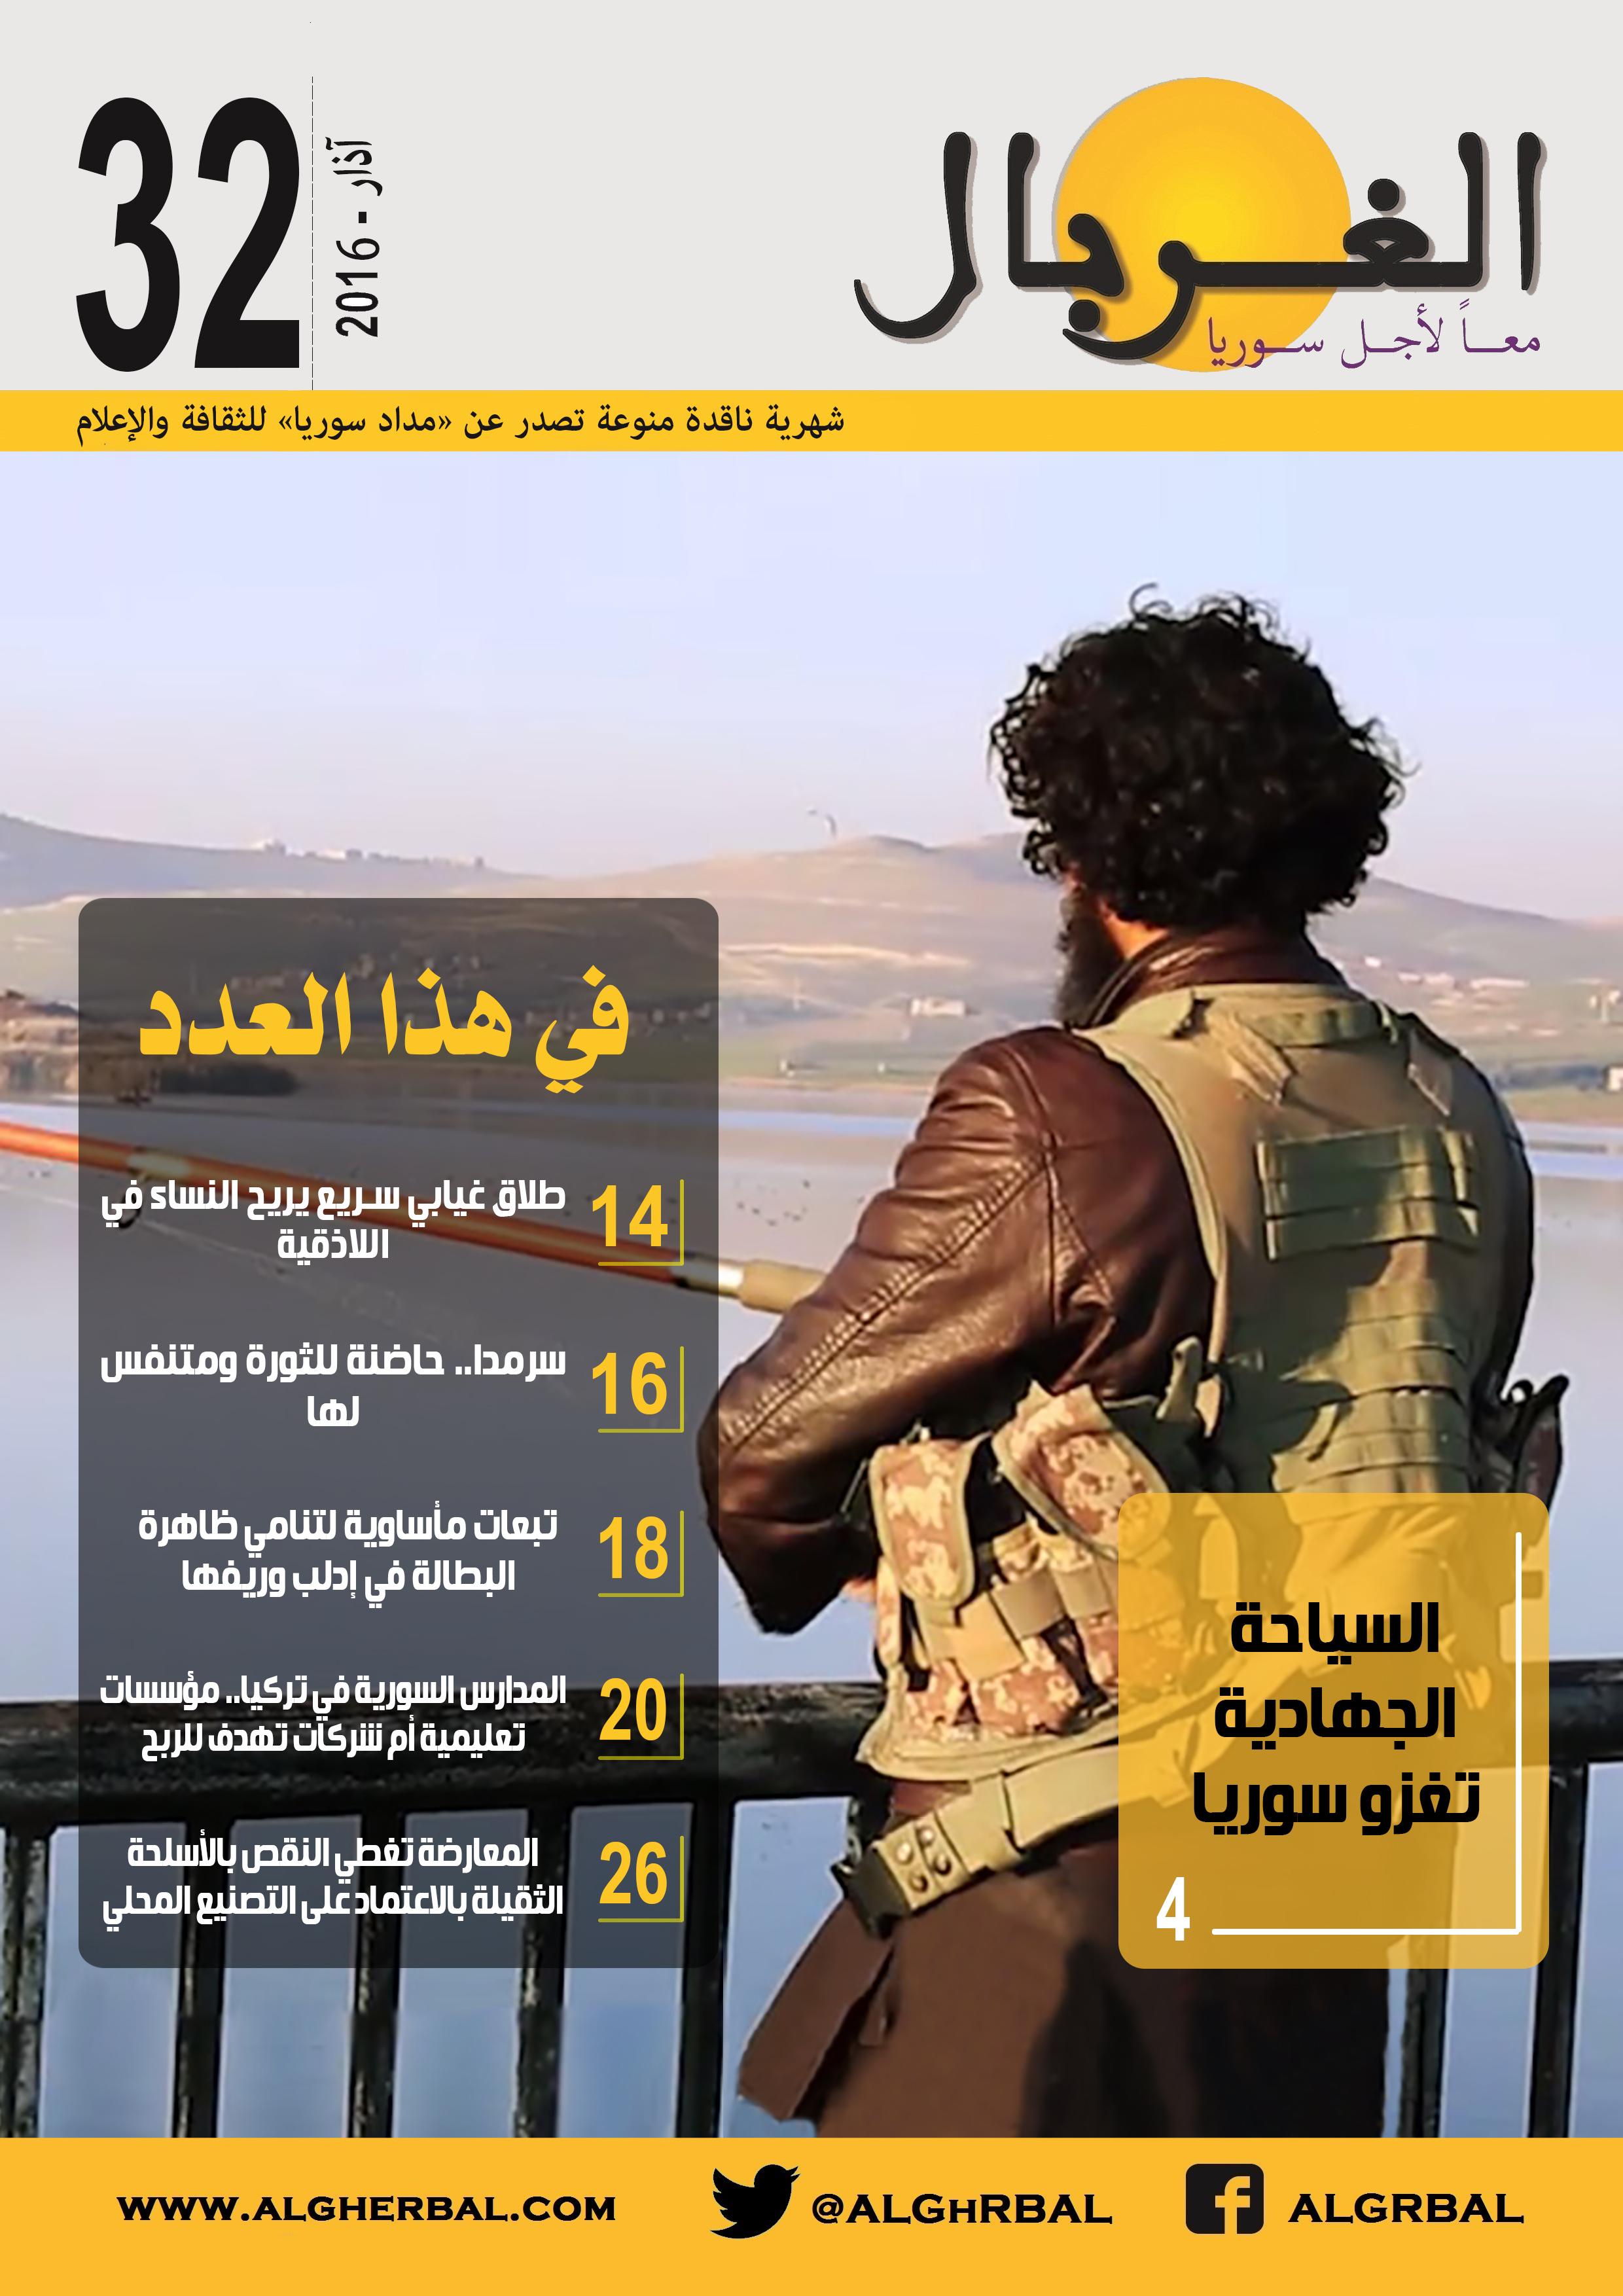 غلاف مجلة الغربال العدد 32